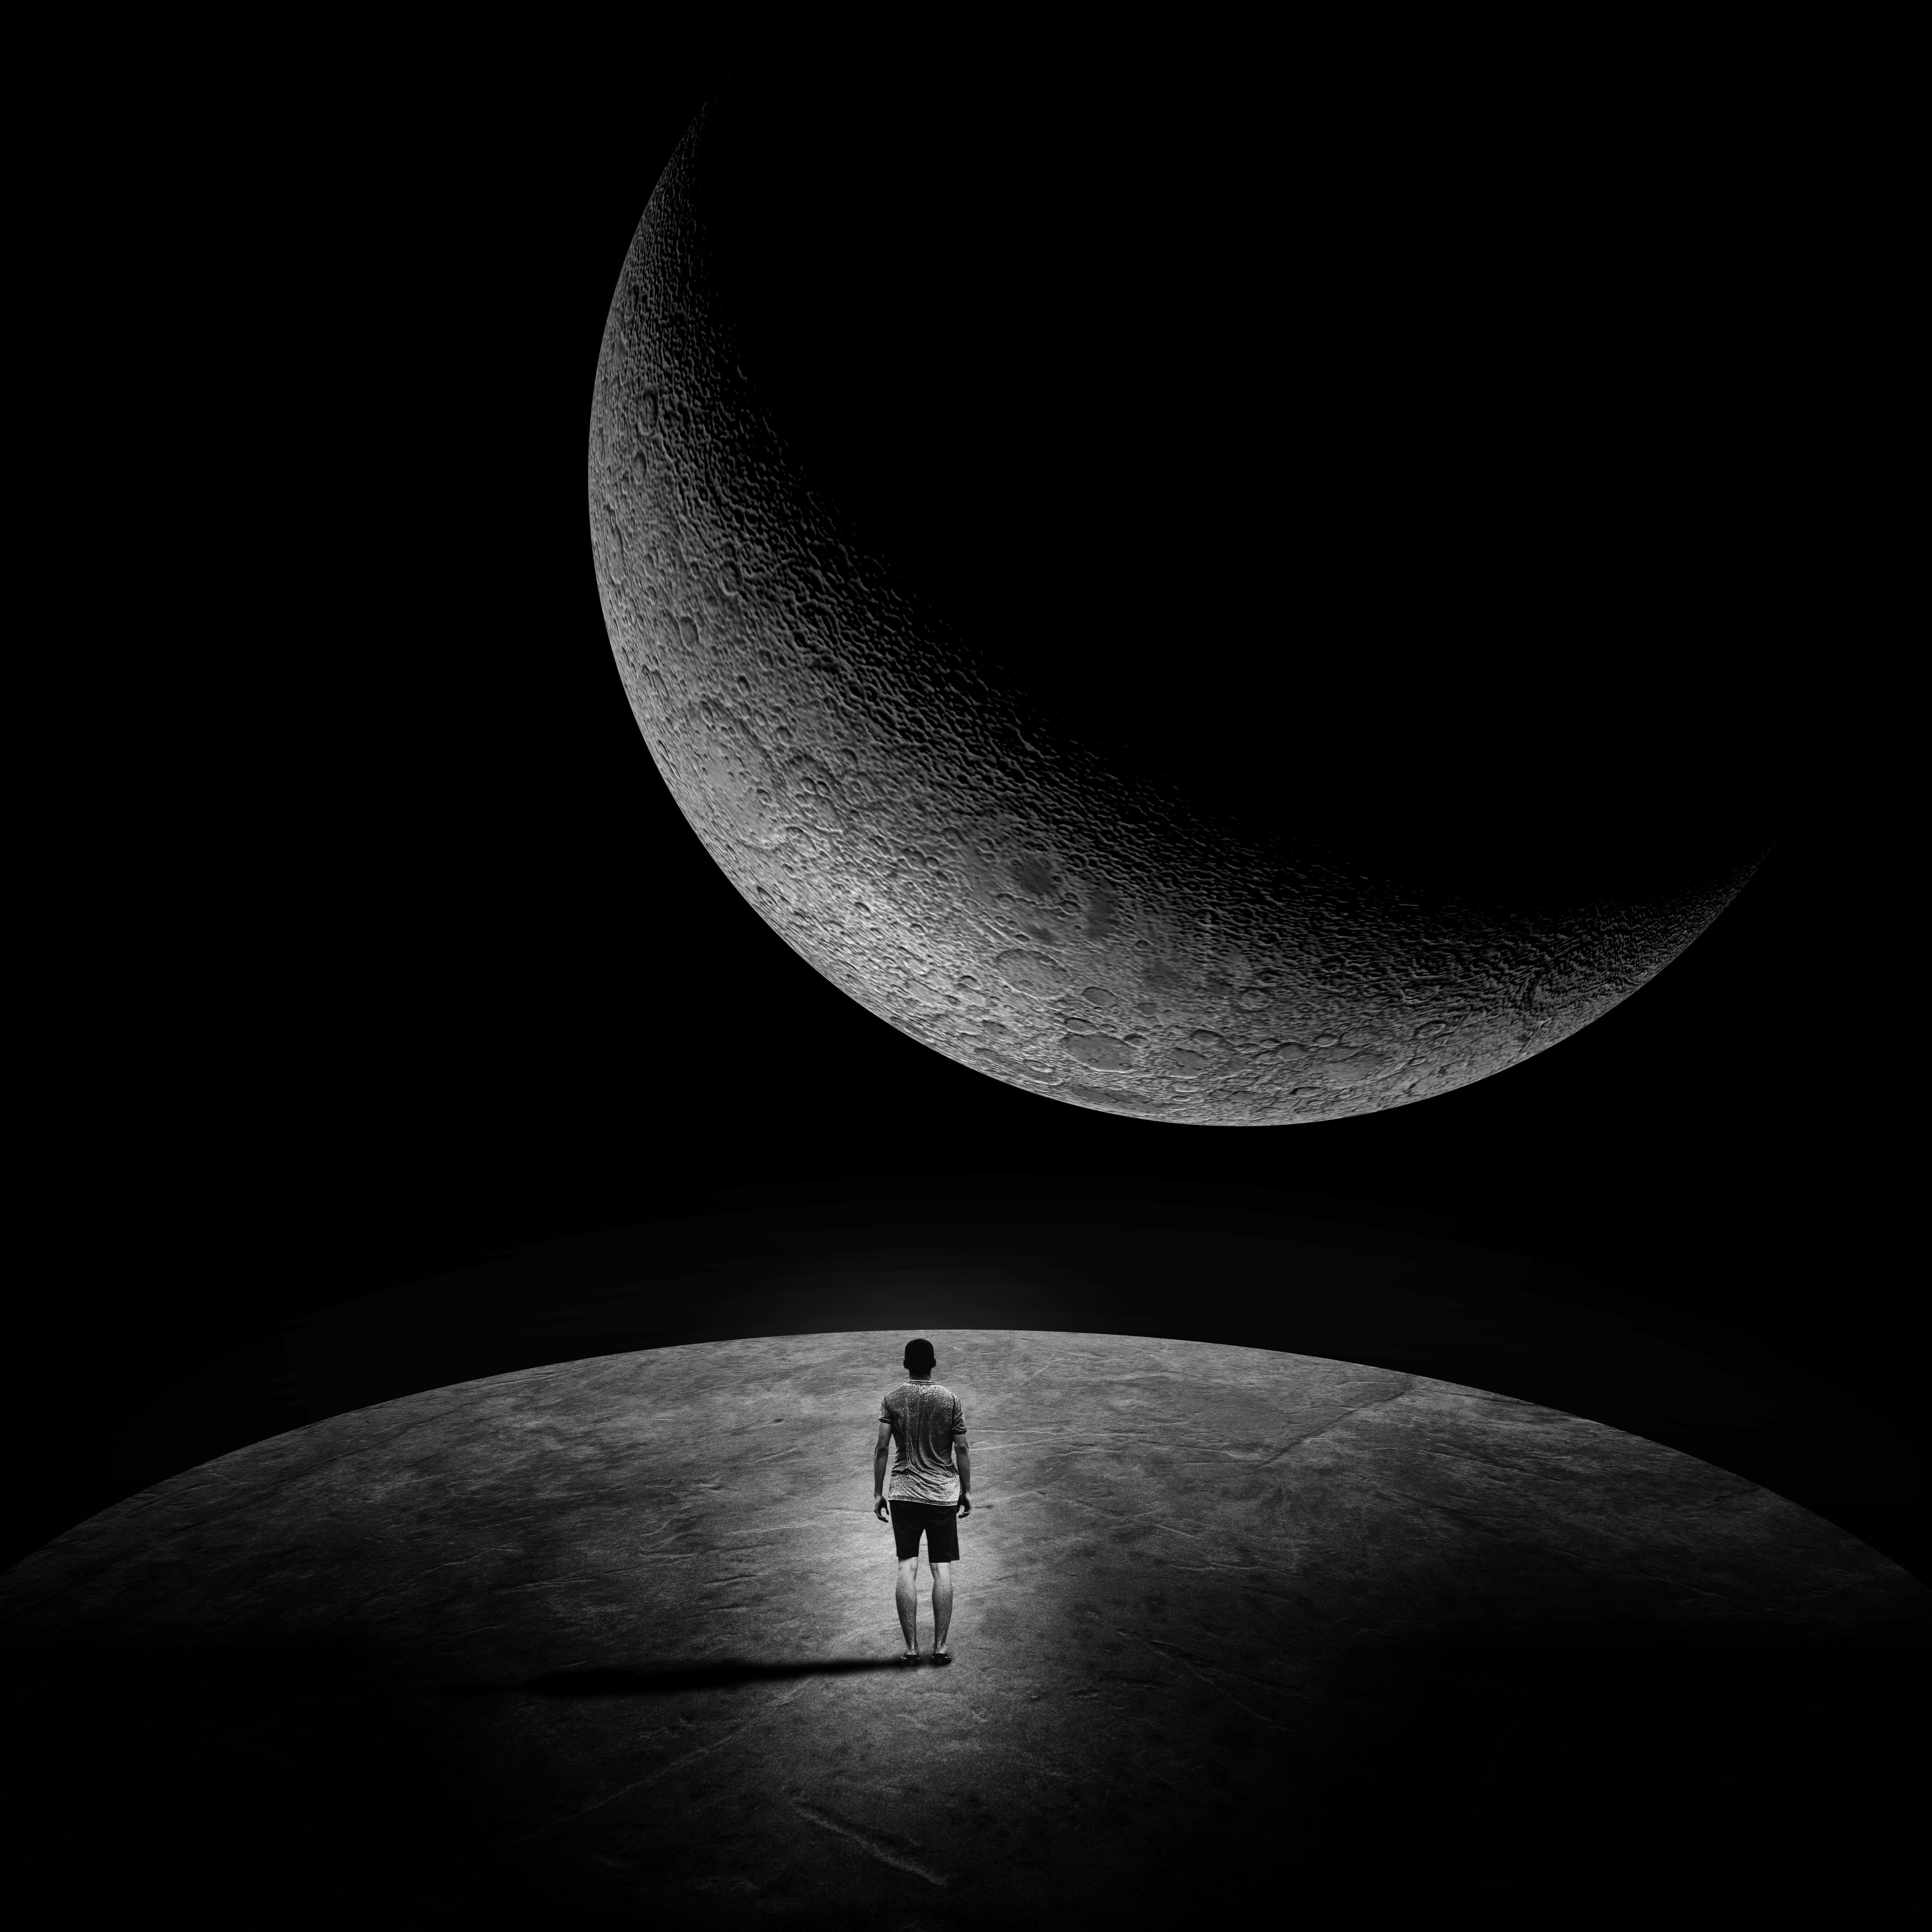 105389 Lade kostenlos Schwarz Hintergrundbilder für dein Handy herunter, Mond, Dunkel, Platz, Mensch, Person, Einsamkeit, Kosmischen, Schwarz Und Weiß, Schwarz-Weiß, Außerirdischen, Außerirdische Schwarz Bilder und Bildschirmschoner für dein Handy